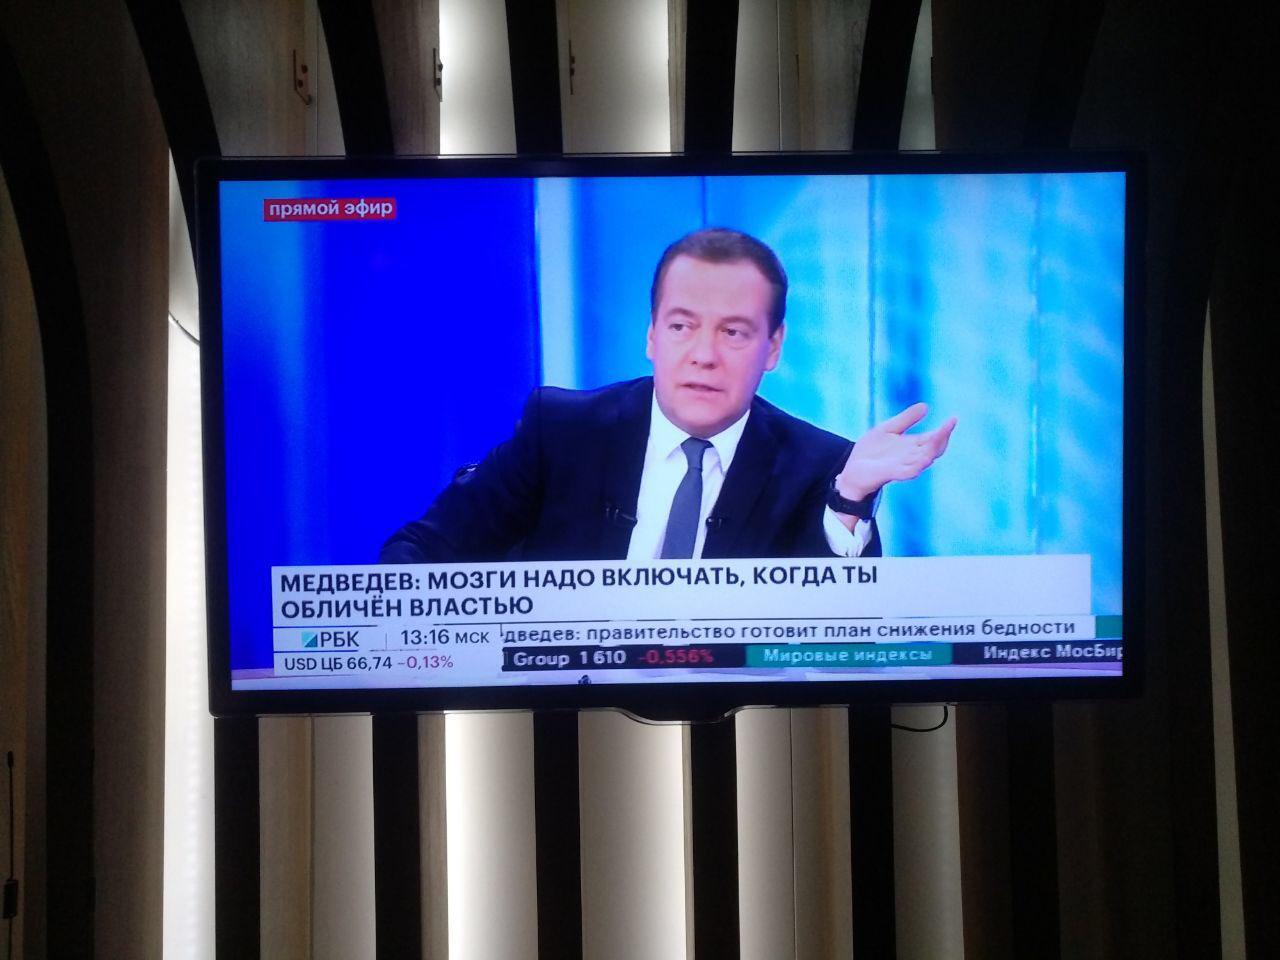 Главные заявления Дмитрия Медведева во время ежегодной пресс-конференции: